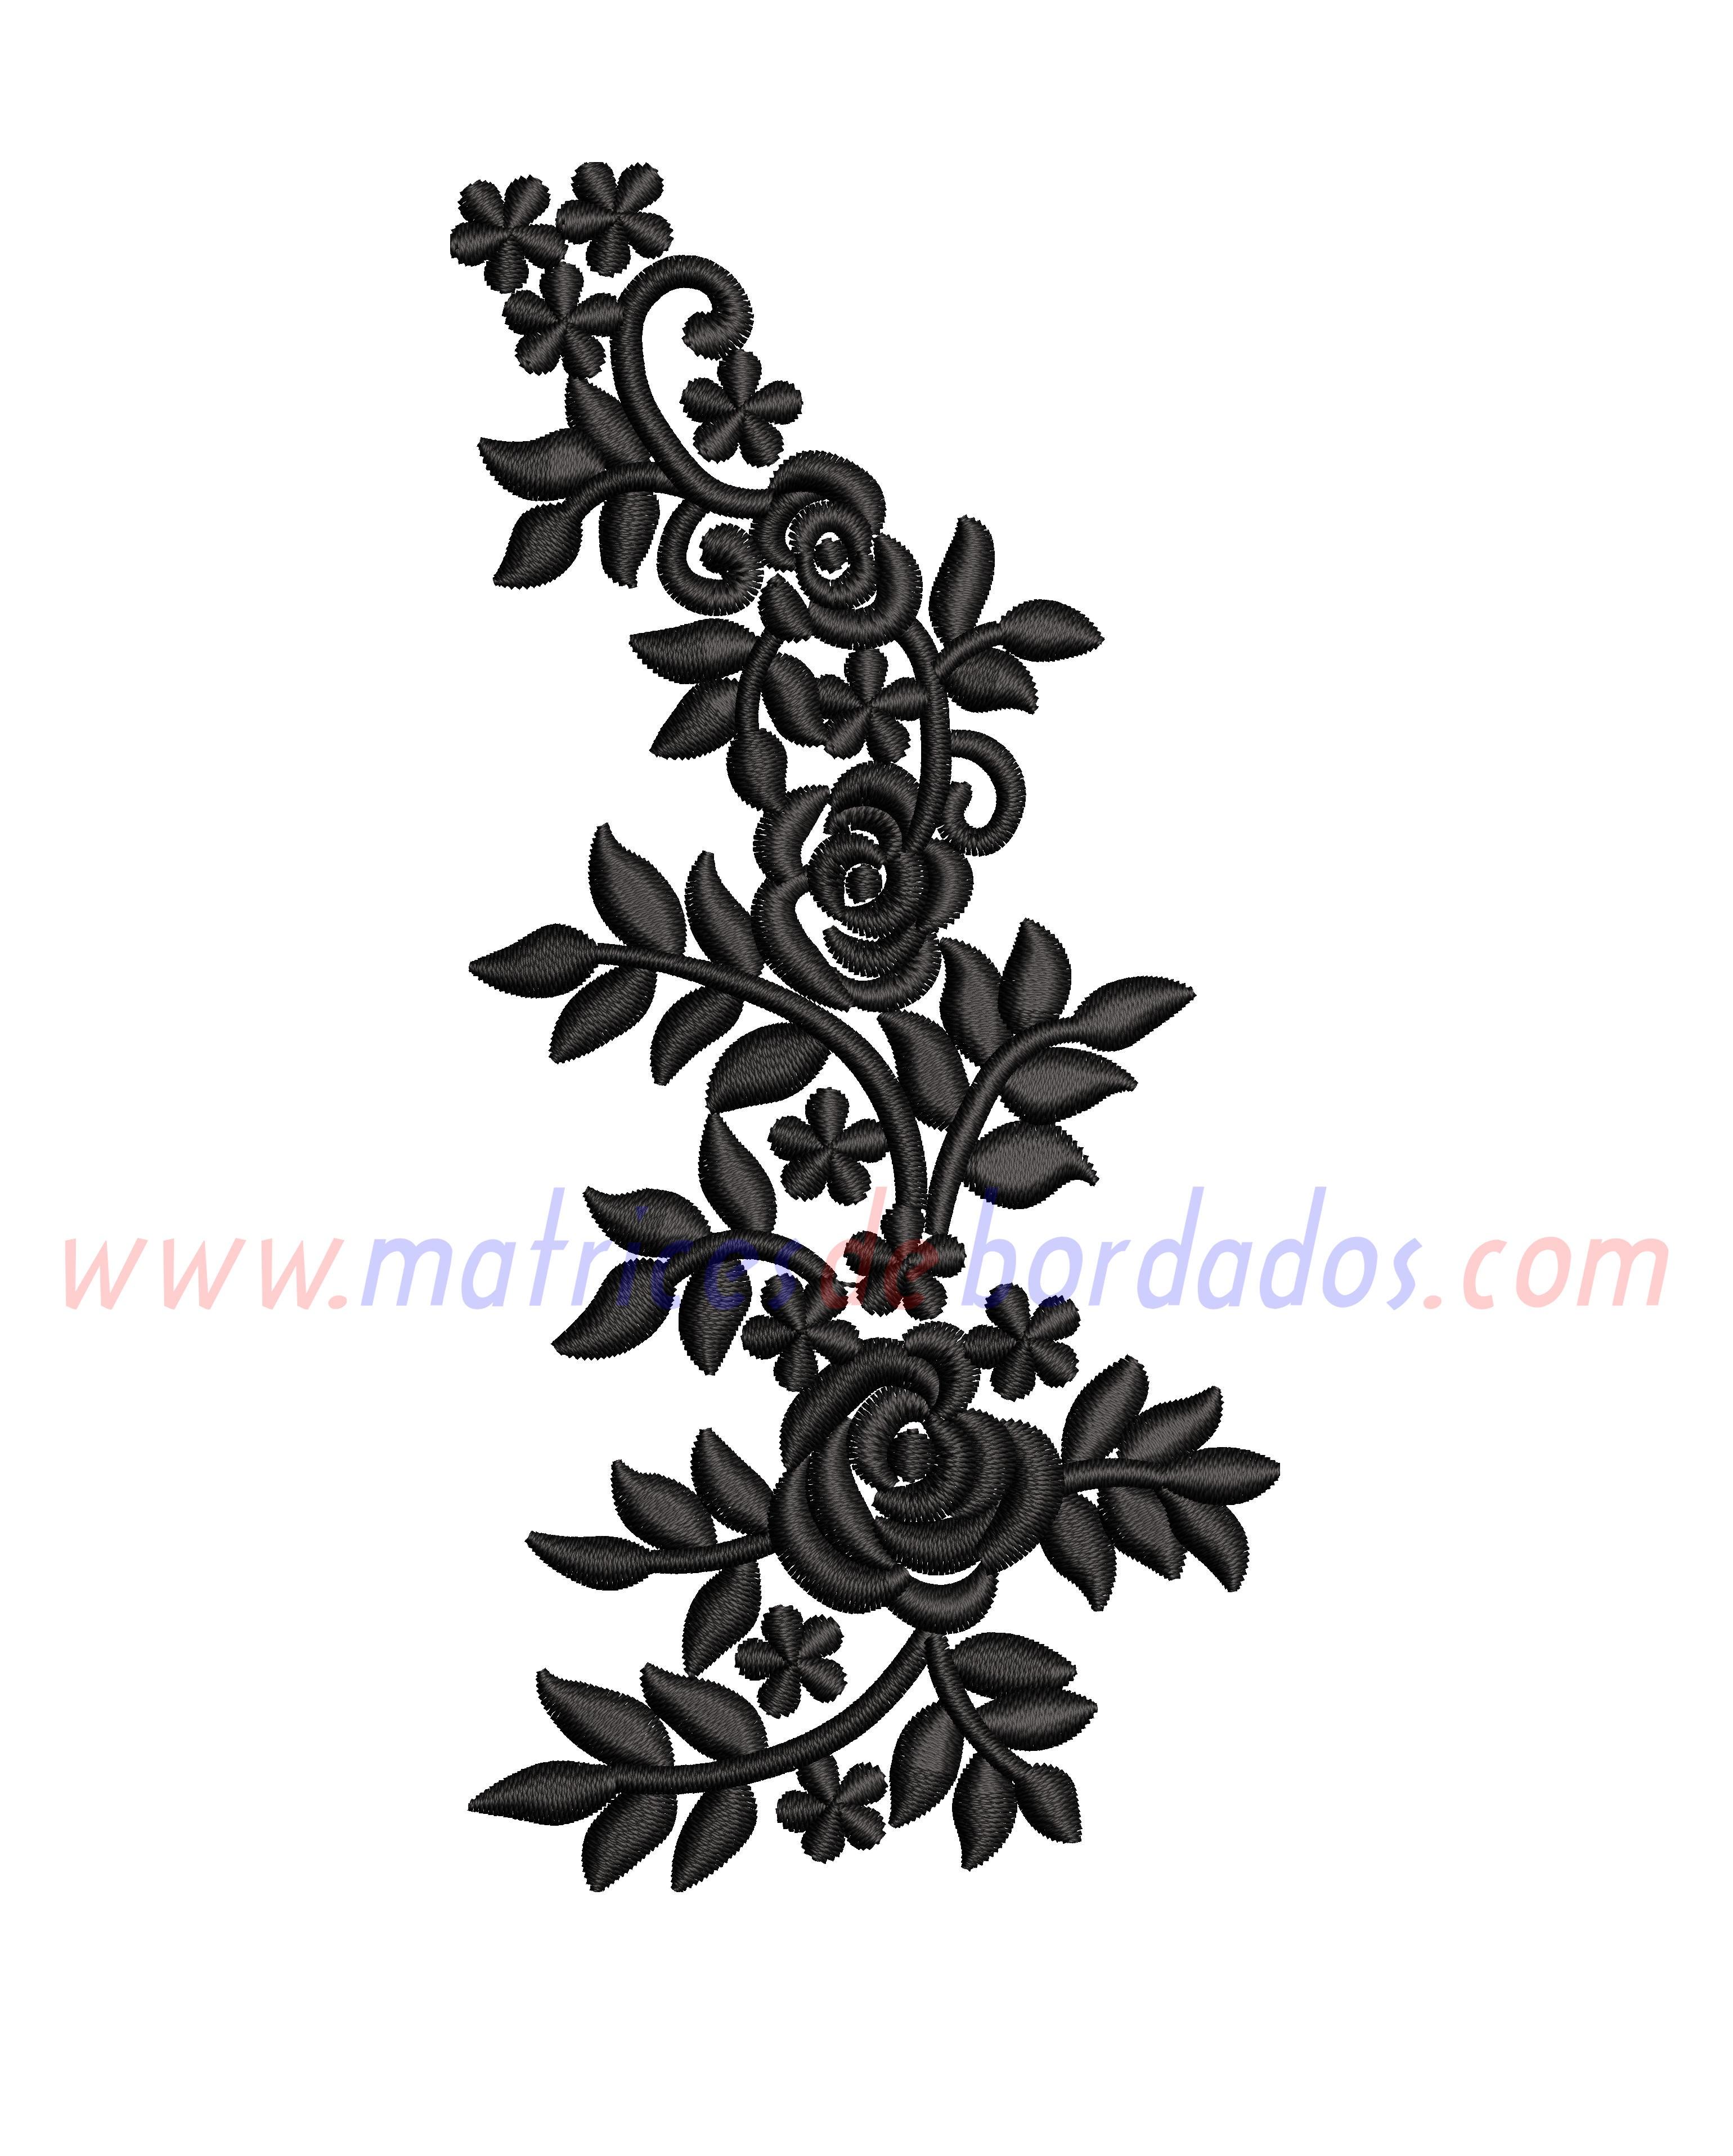 FY16DG - Diseño floral